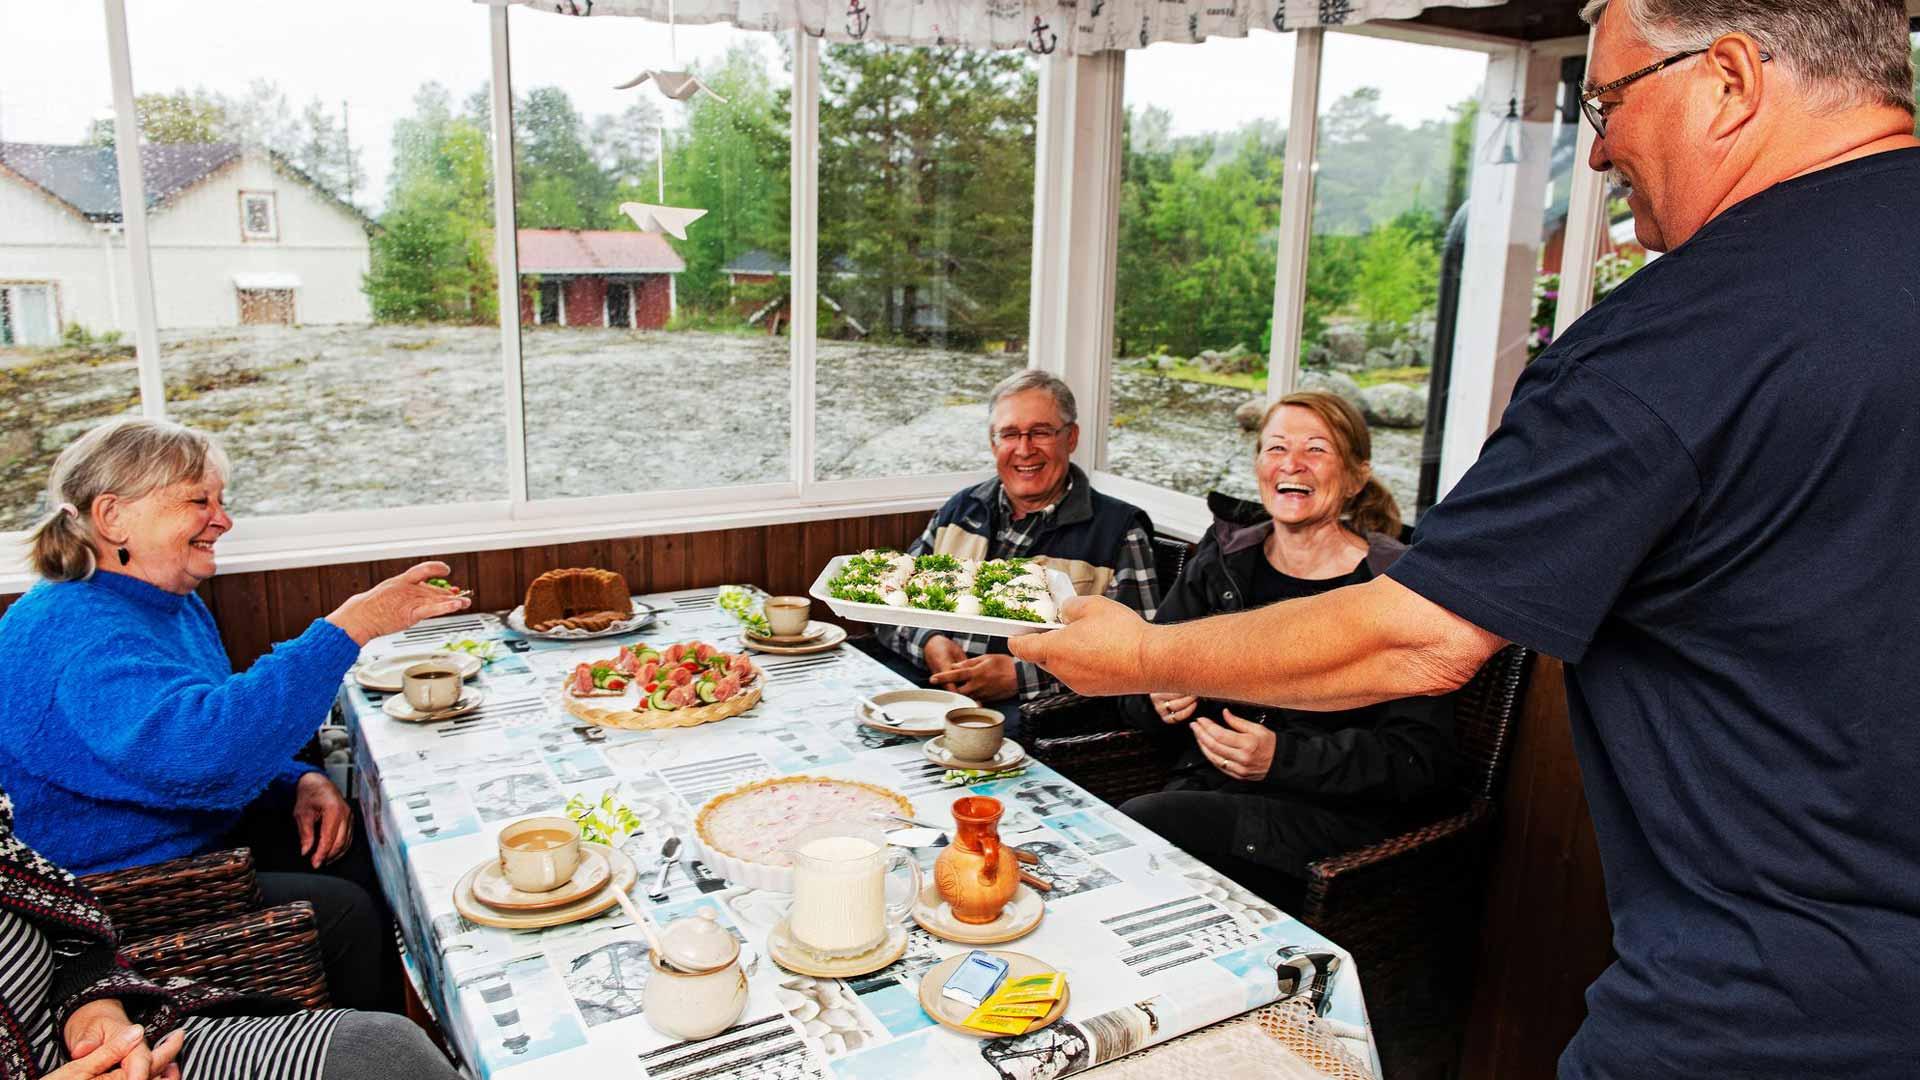 Pirjo ja Ilkka Lehdon lasikuistilla on mukavaa kahvitella ja ihailla merimaisemaa. lkka Lehto tarjoilee vieraille kalaleipiä. Pöydän ääressä Tarja Pohjola, Tuula Hynninen (kuvassa vasemmalla), Timo Pohjola ja Sirpa Ollikainen.